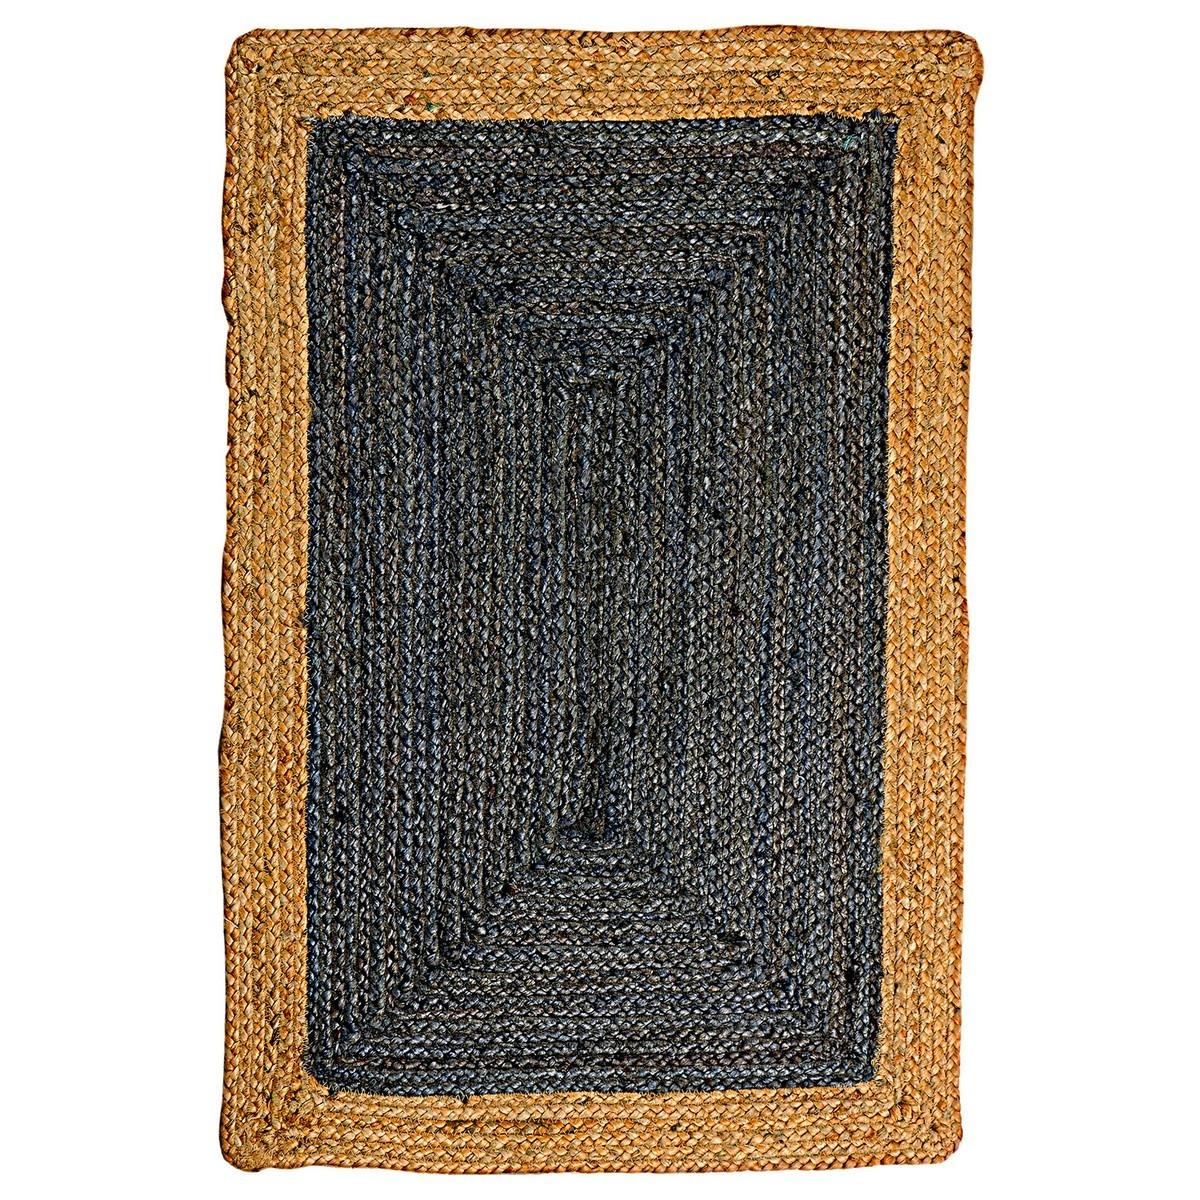 Phoenix Handwoven Jute Rug, 120x180cm, Deep Grey